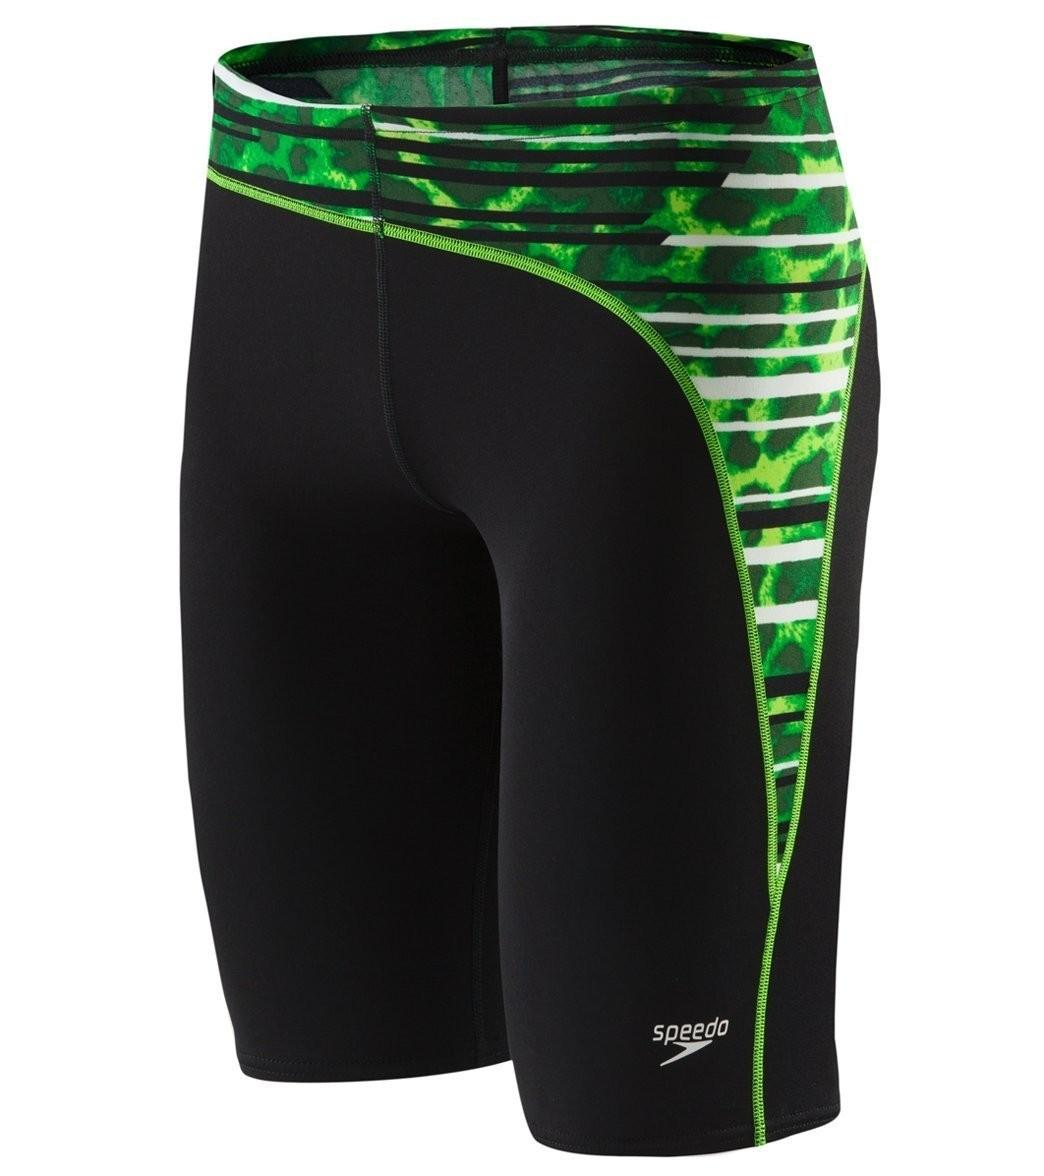 Speedo Green PowerFLEX Eco Got You Men's Jammer Swimsuit